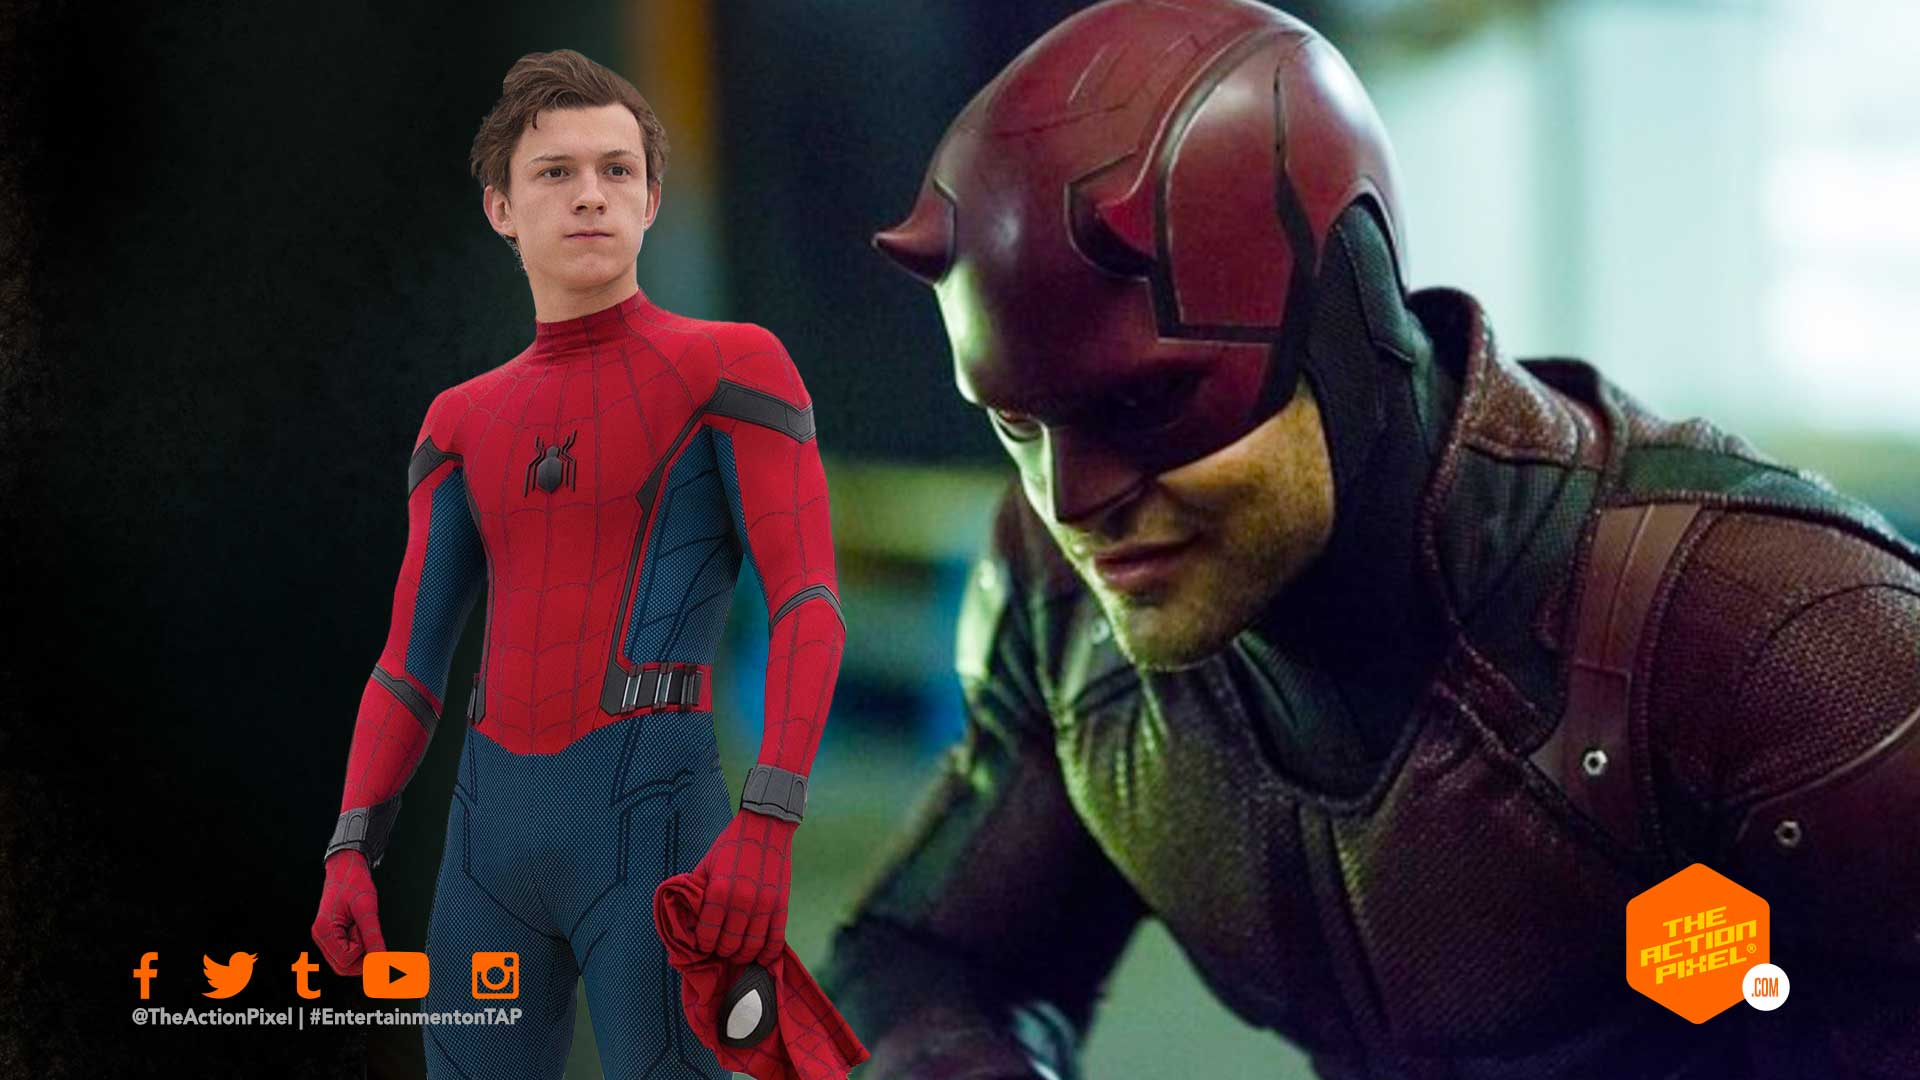 daredevil, spider-man, spider-man 3, daredevil charlie cox, daredevil netflix, sony pictures, spider-man 3 movie, entertainment on tap,the action pixel, featured,